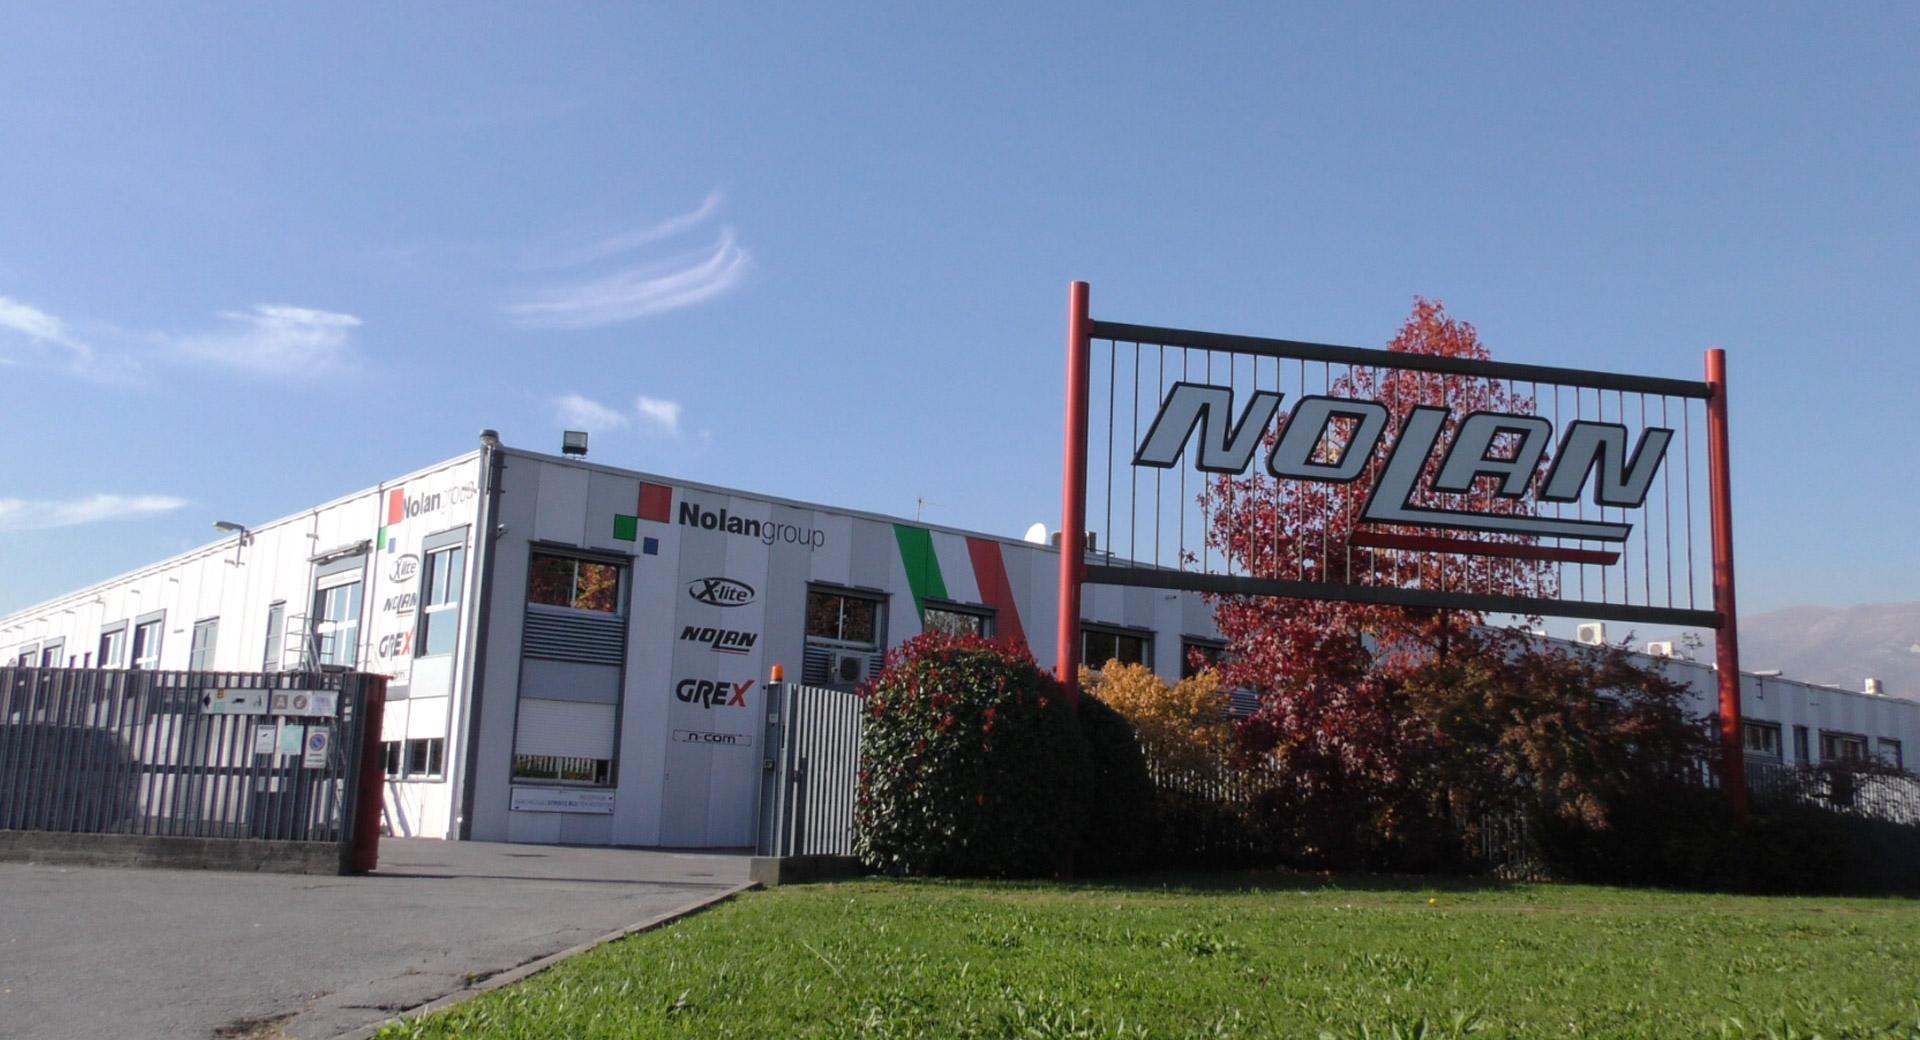 Un altra azienda italiana in vendita il turno di nolan for Azienda italiana di occhiali